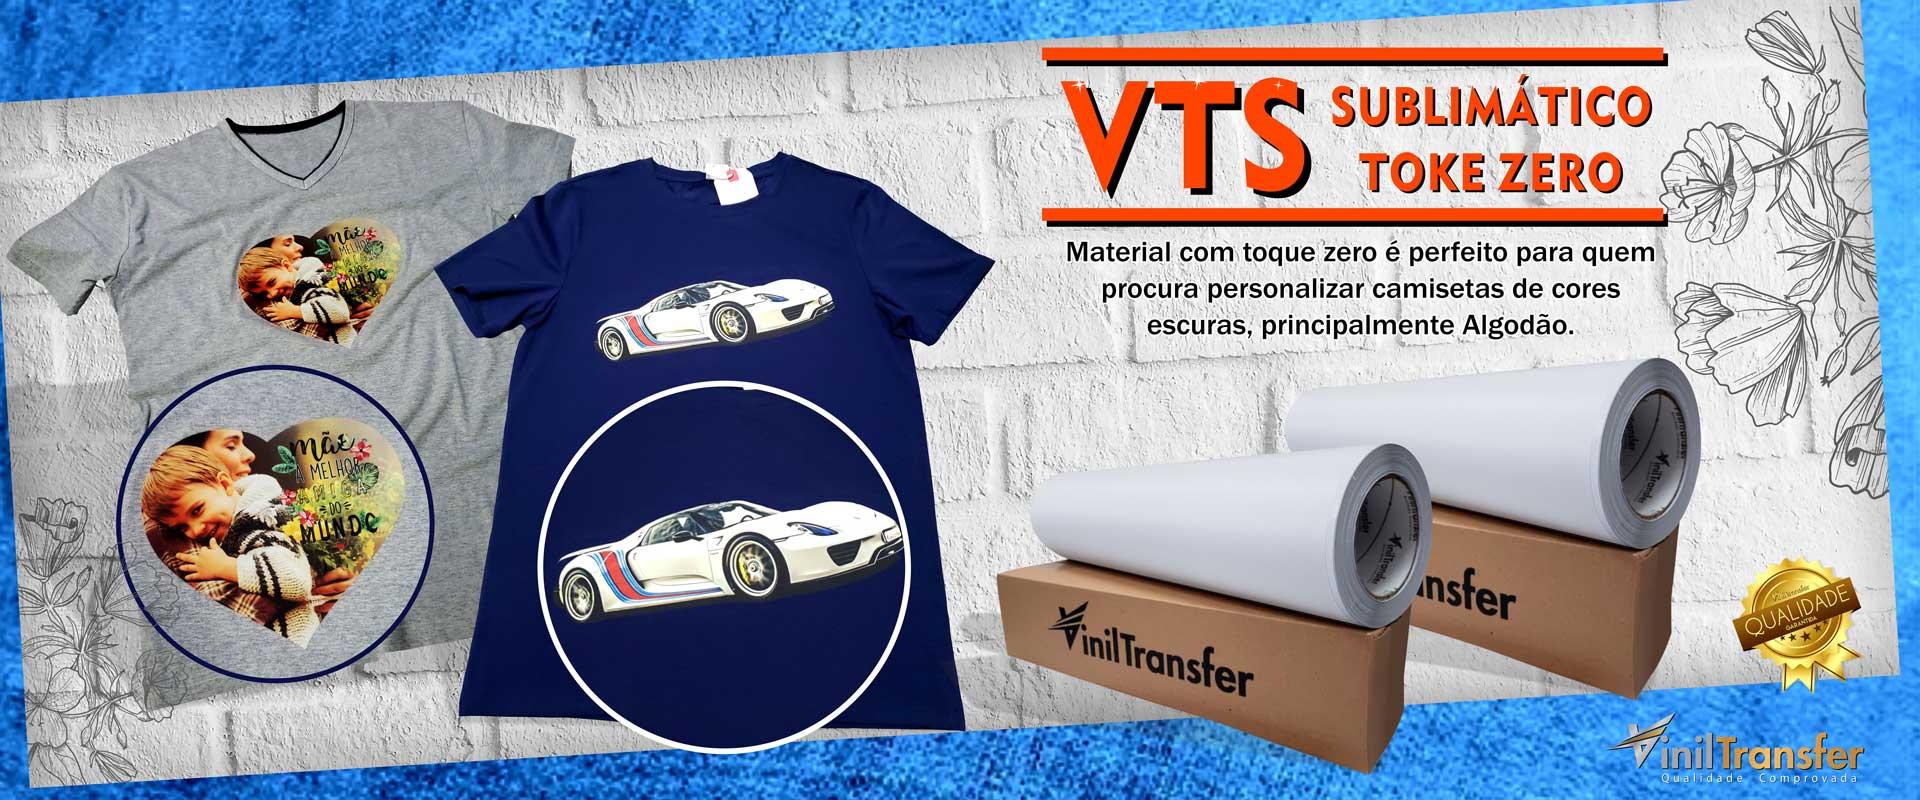 11---VTS-SUBLIMATICO_web